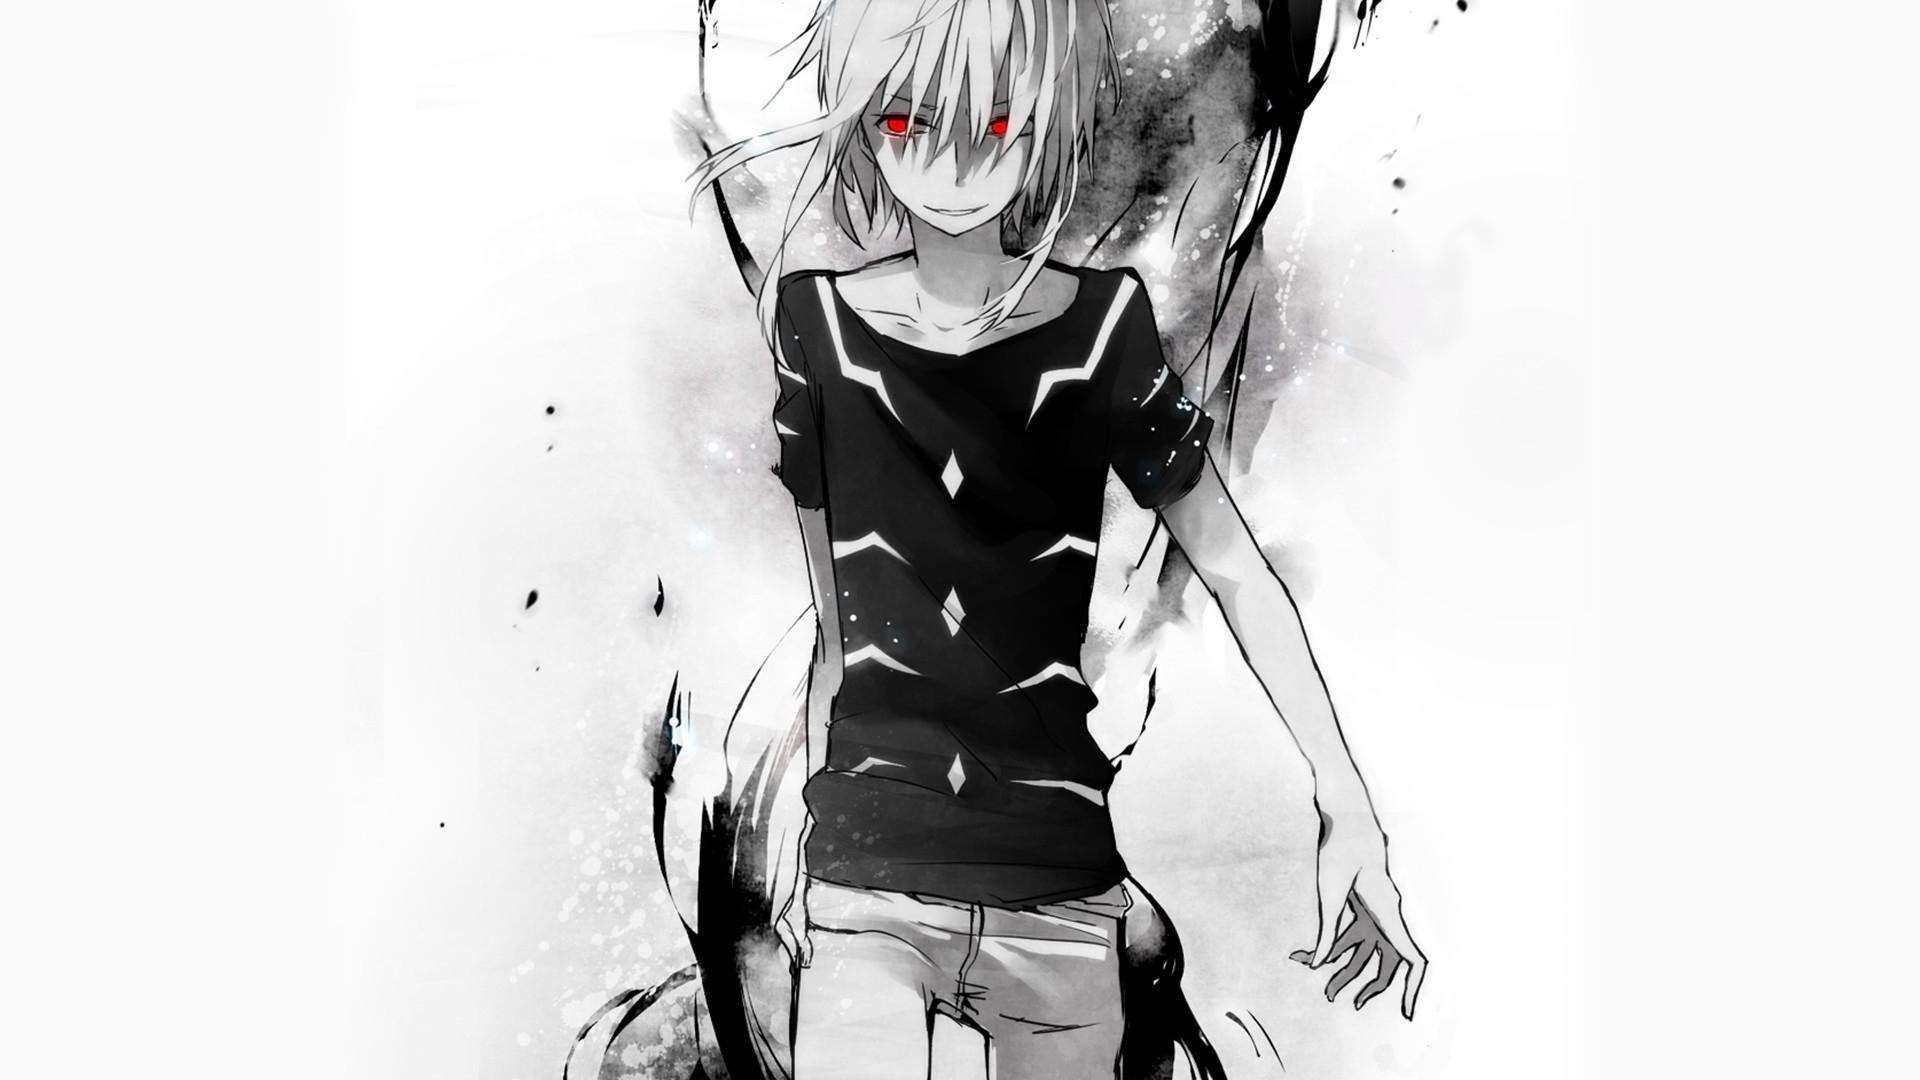 Hình nền đen trắng anime cực ngầu